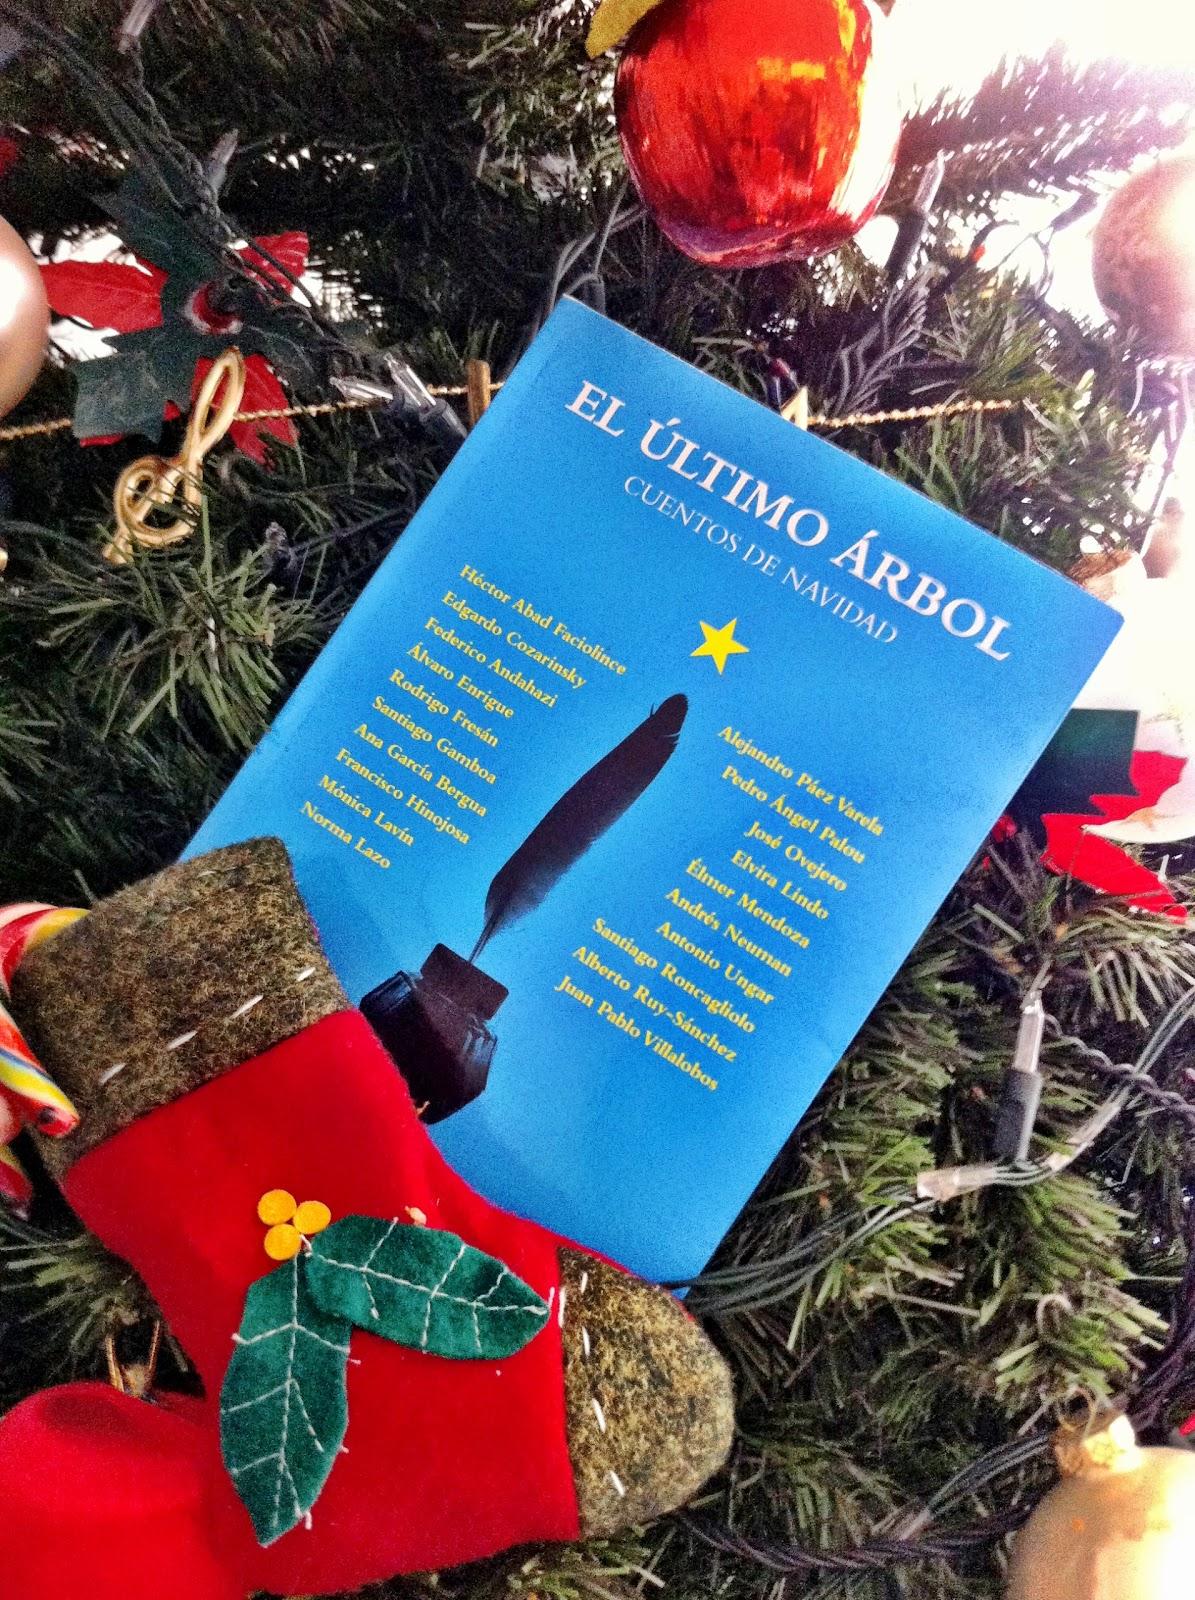 El ltimo rbol cuentos de navidad hojeando libros - Cuento del arbol de navidad ...